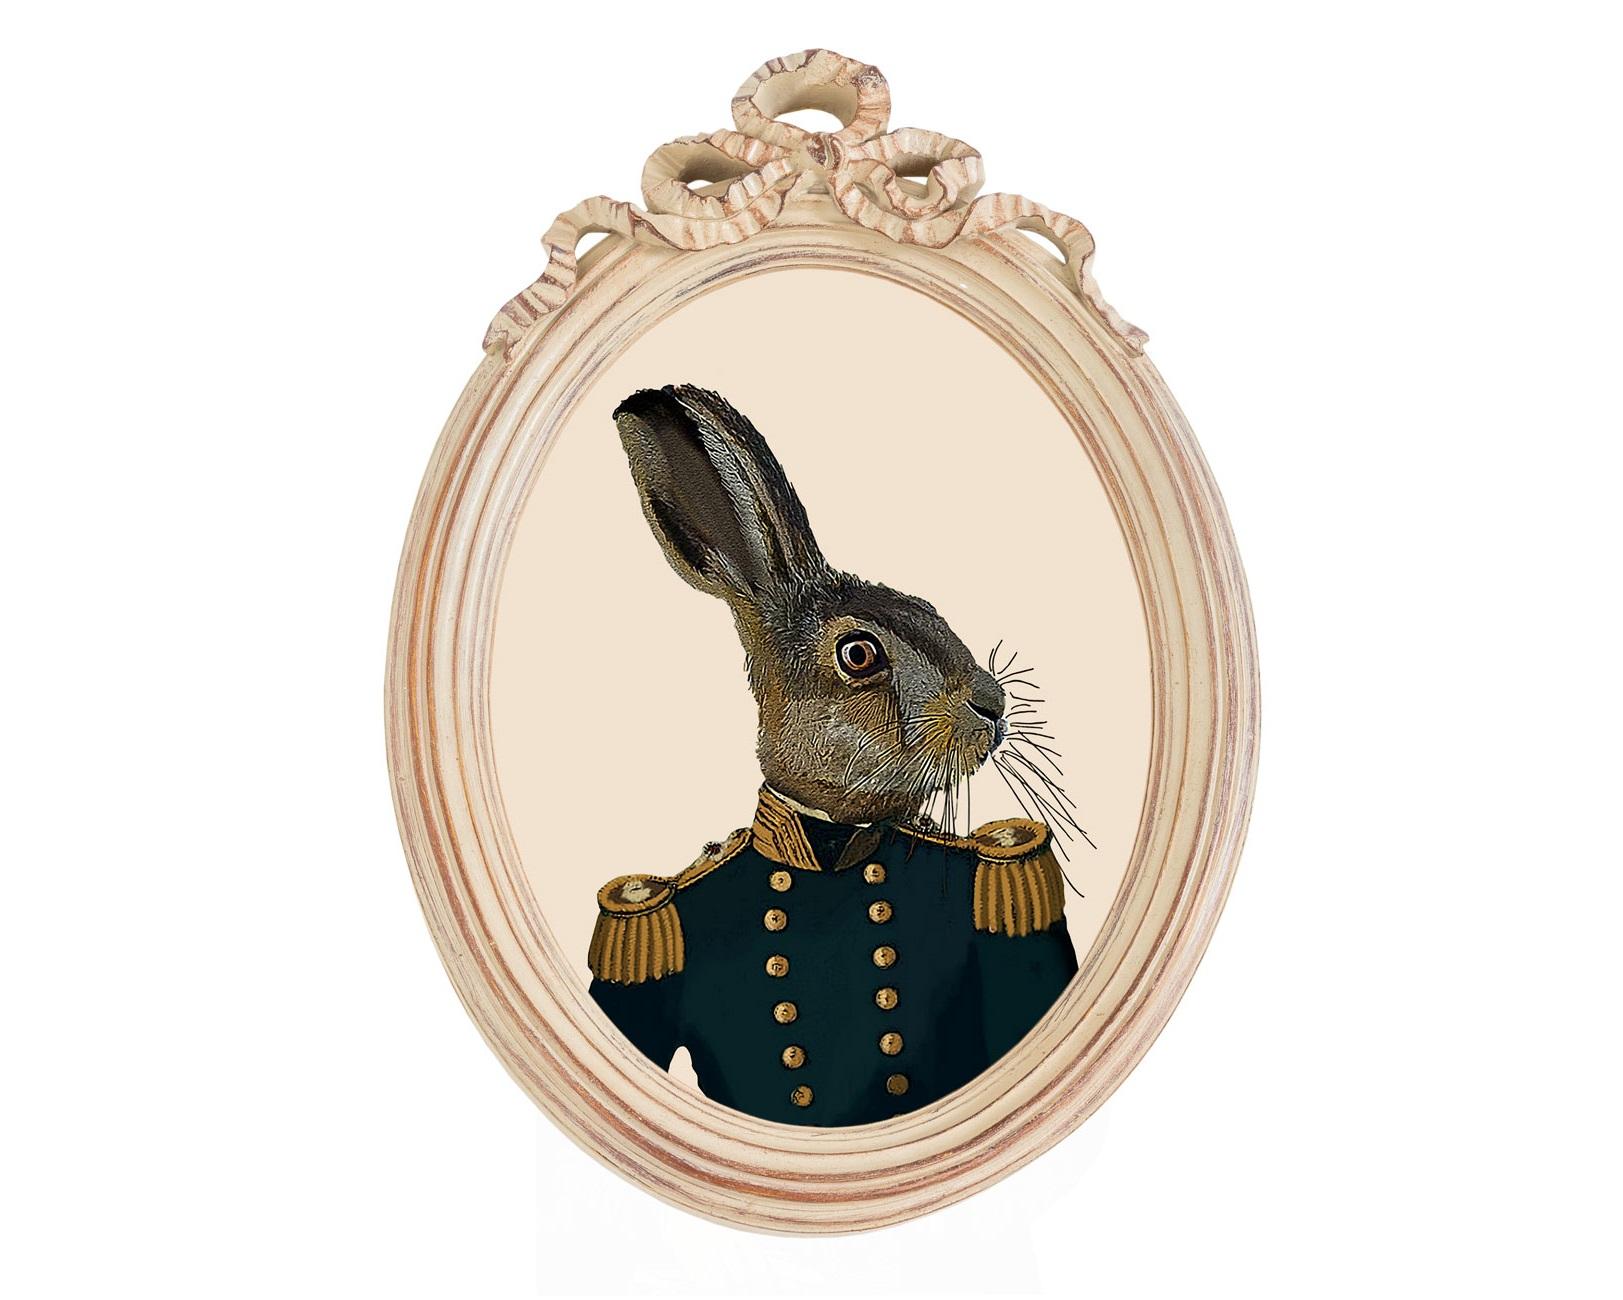 Репродукция гравюры «Мистер Заяц» в раме «Бернадетт»Картины<br>Возможно, Кролик из «Алисы в стране чудес» выглядел именно так. Тем забавнее заячья мордашка выглядит в парадном военном мундире с золочеными пуговицами и эполетами. Изображение в технике гравюры отпечатано на холсте и обрамлено в винтажный багет-медальон «Бернадетт». Такое украшение подойдет практически для любой комнаты: гостиной, столовой, кабинета и, конечно, детской, оформленных в стиле прованс, классика, французский шик и даже эксцентричный поп-арт.<br><br>Material: Полистоун<br>Ширина см: 30<br>Высота см: 43<br>Глубина см: 4